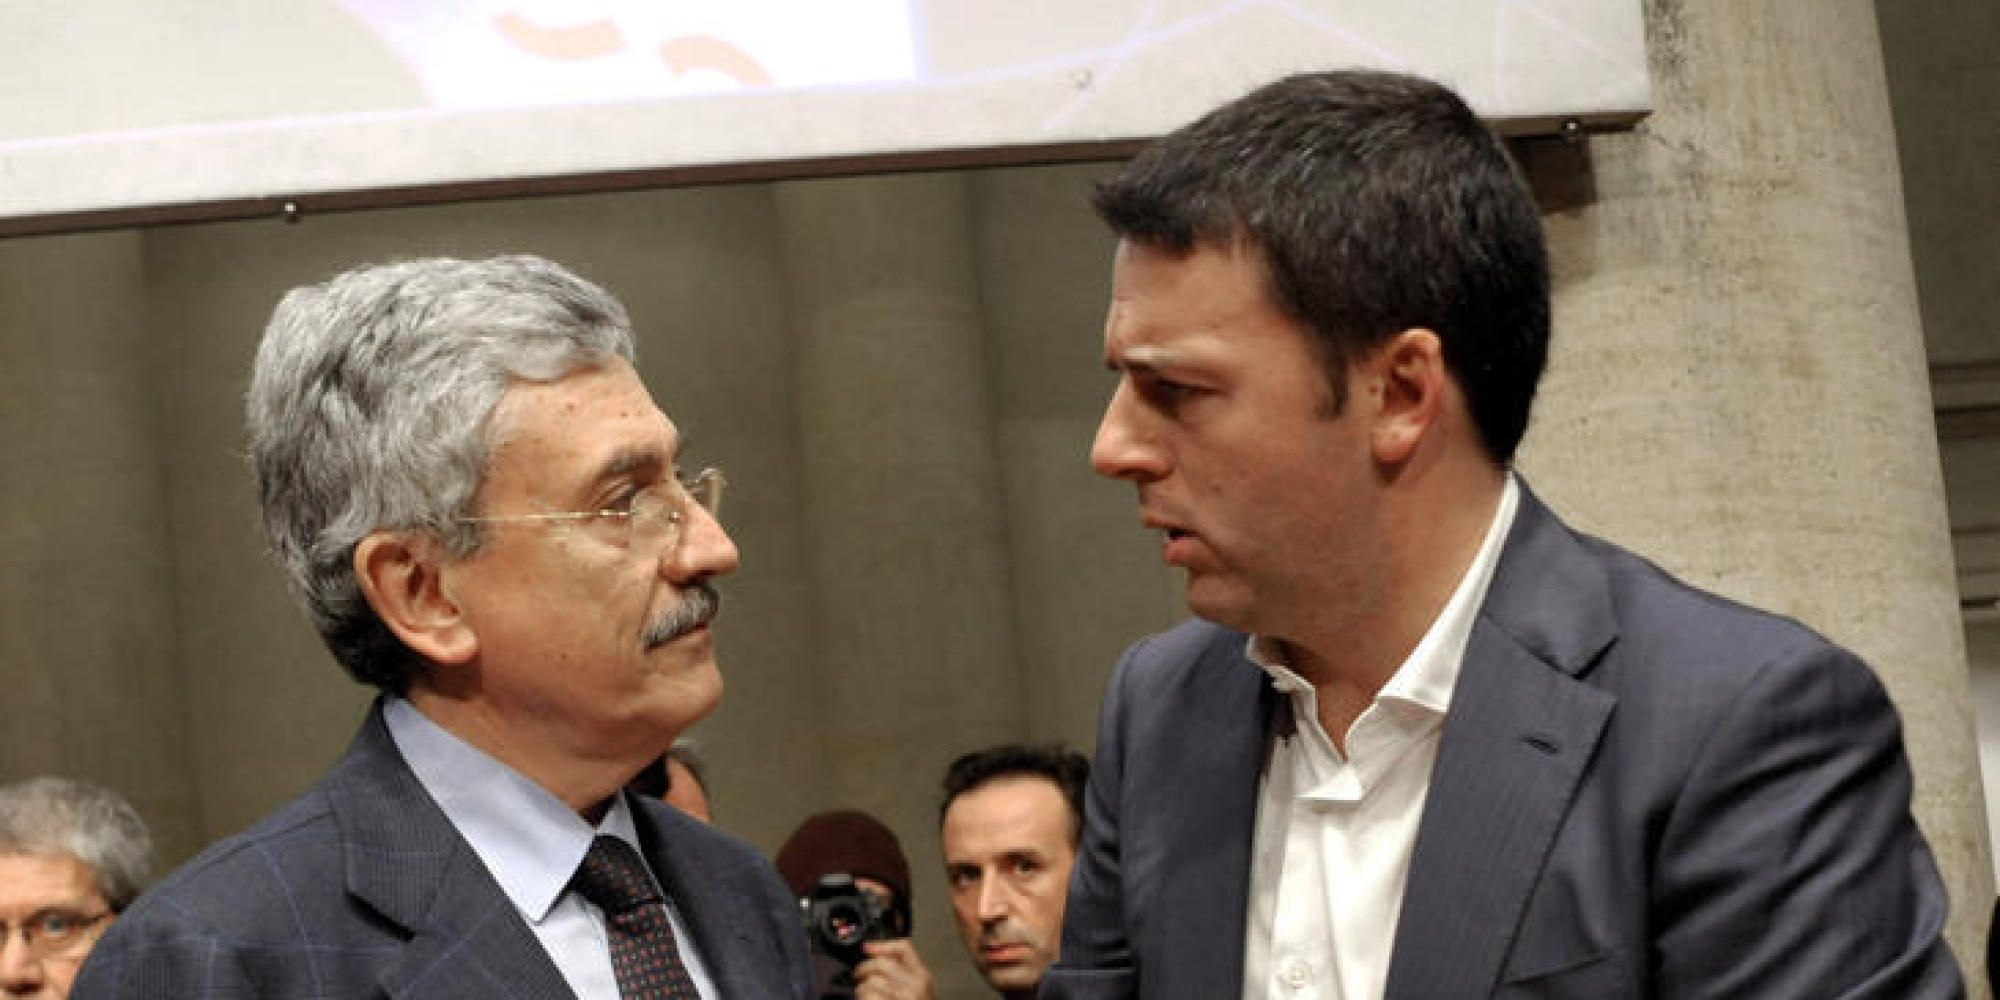 D'Alema voterà Virginia Raggi per contrastare Renzi?